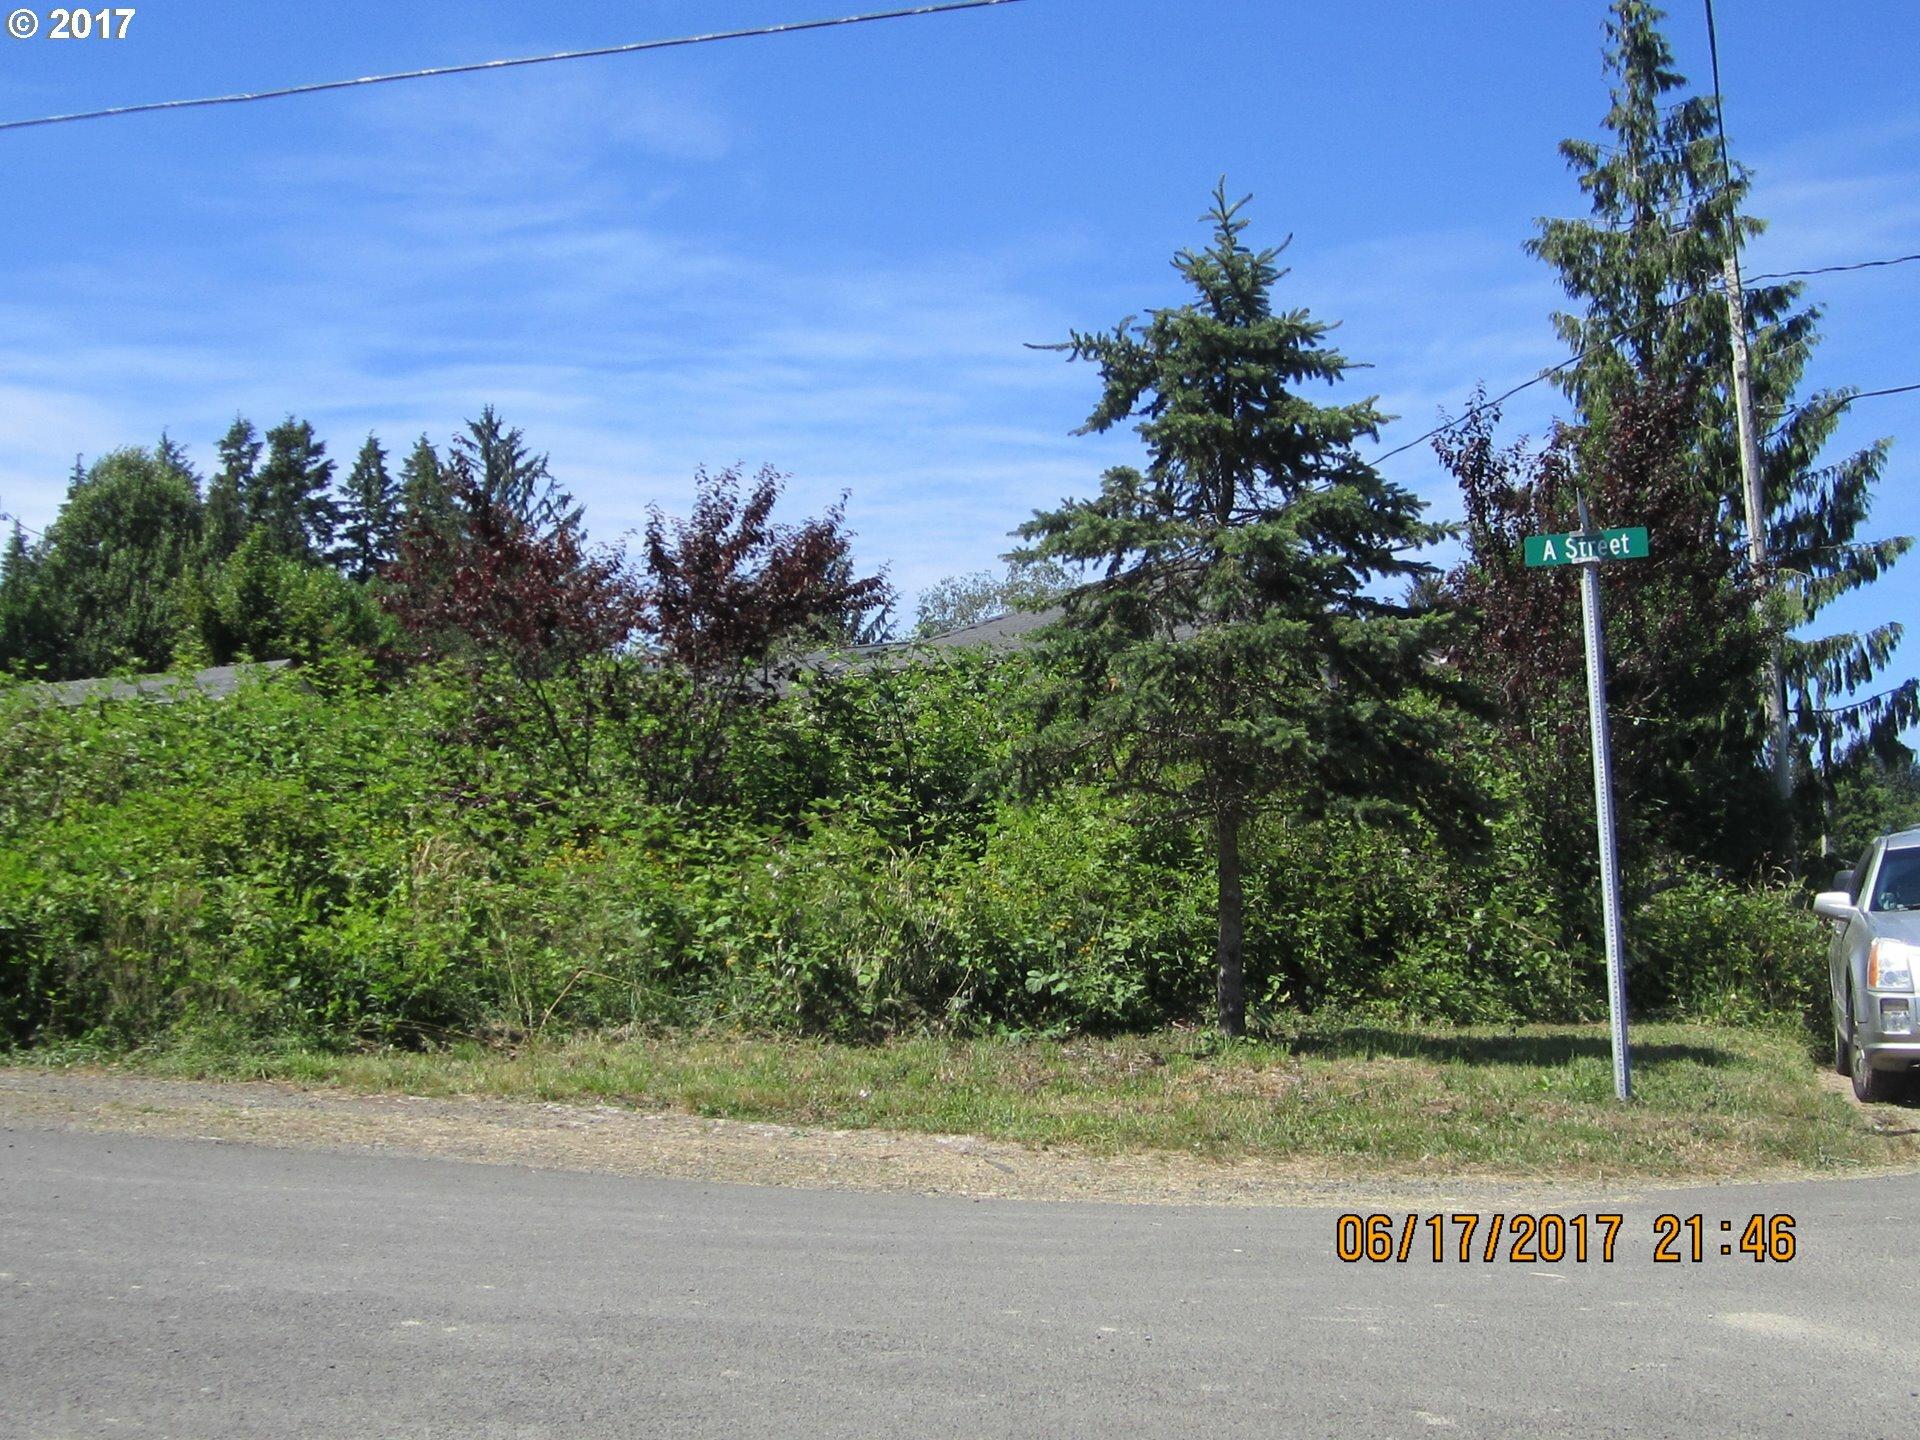 12895 A St, Nehalem, OR - USA (photo 1)